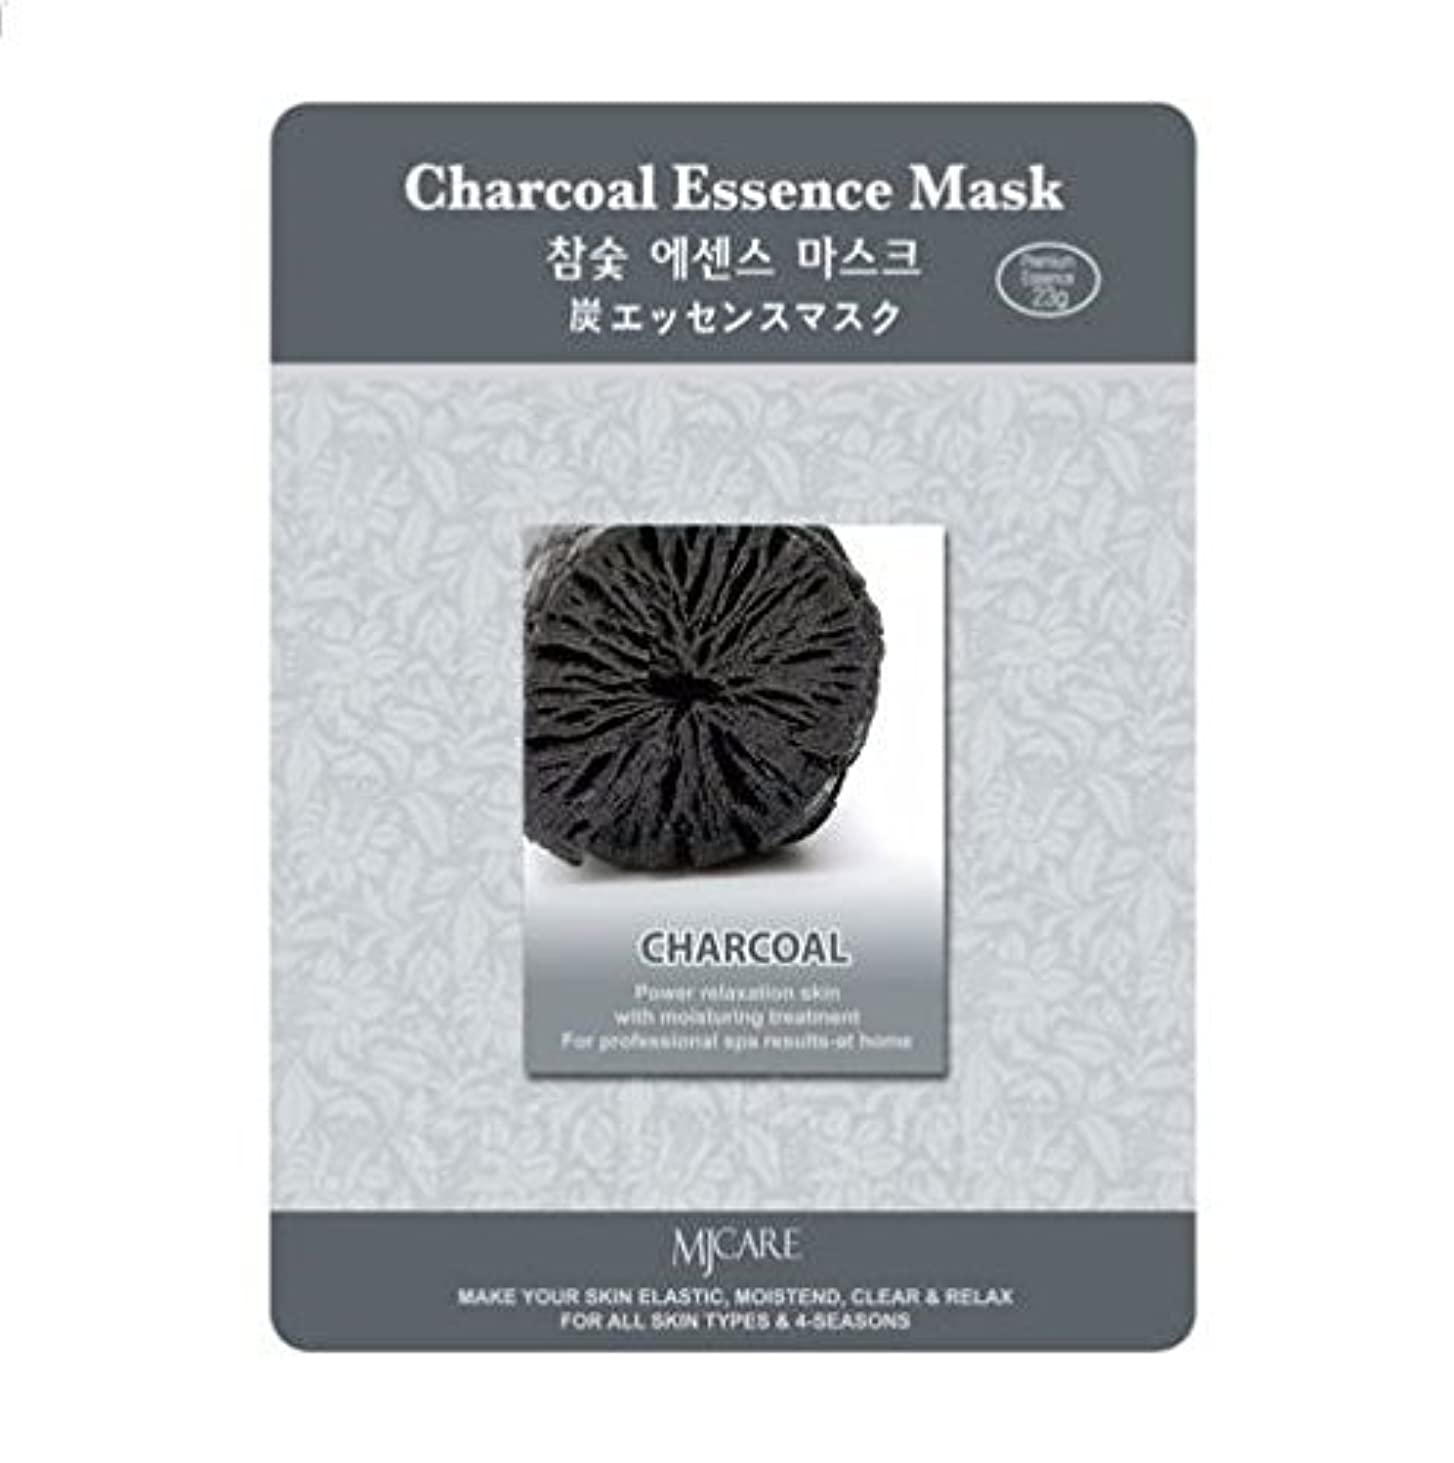 スパン前部ゆるいMJCAREエッセインシャルマスク黒炭(フェイスパック)